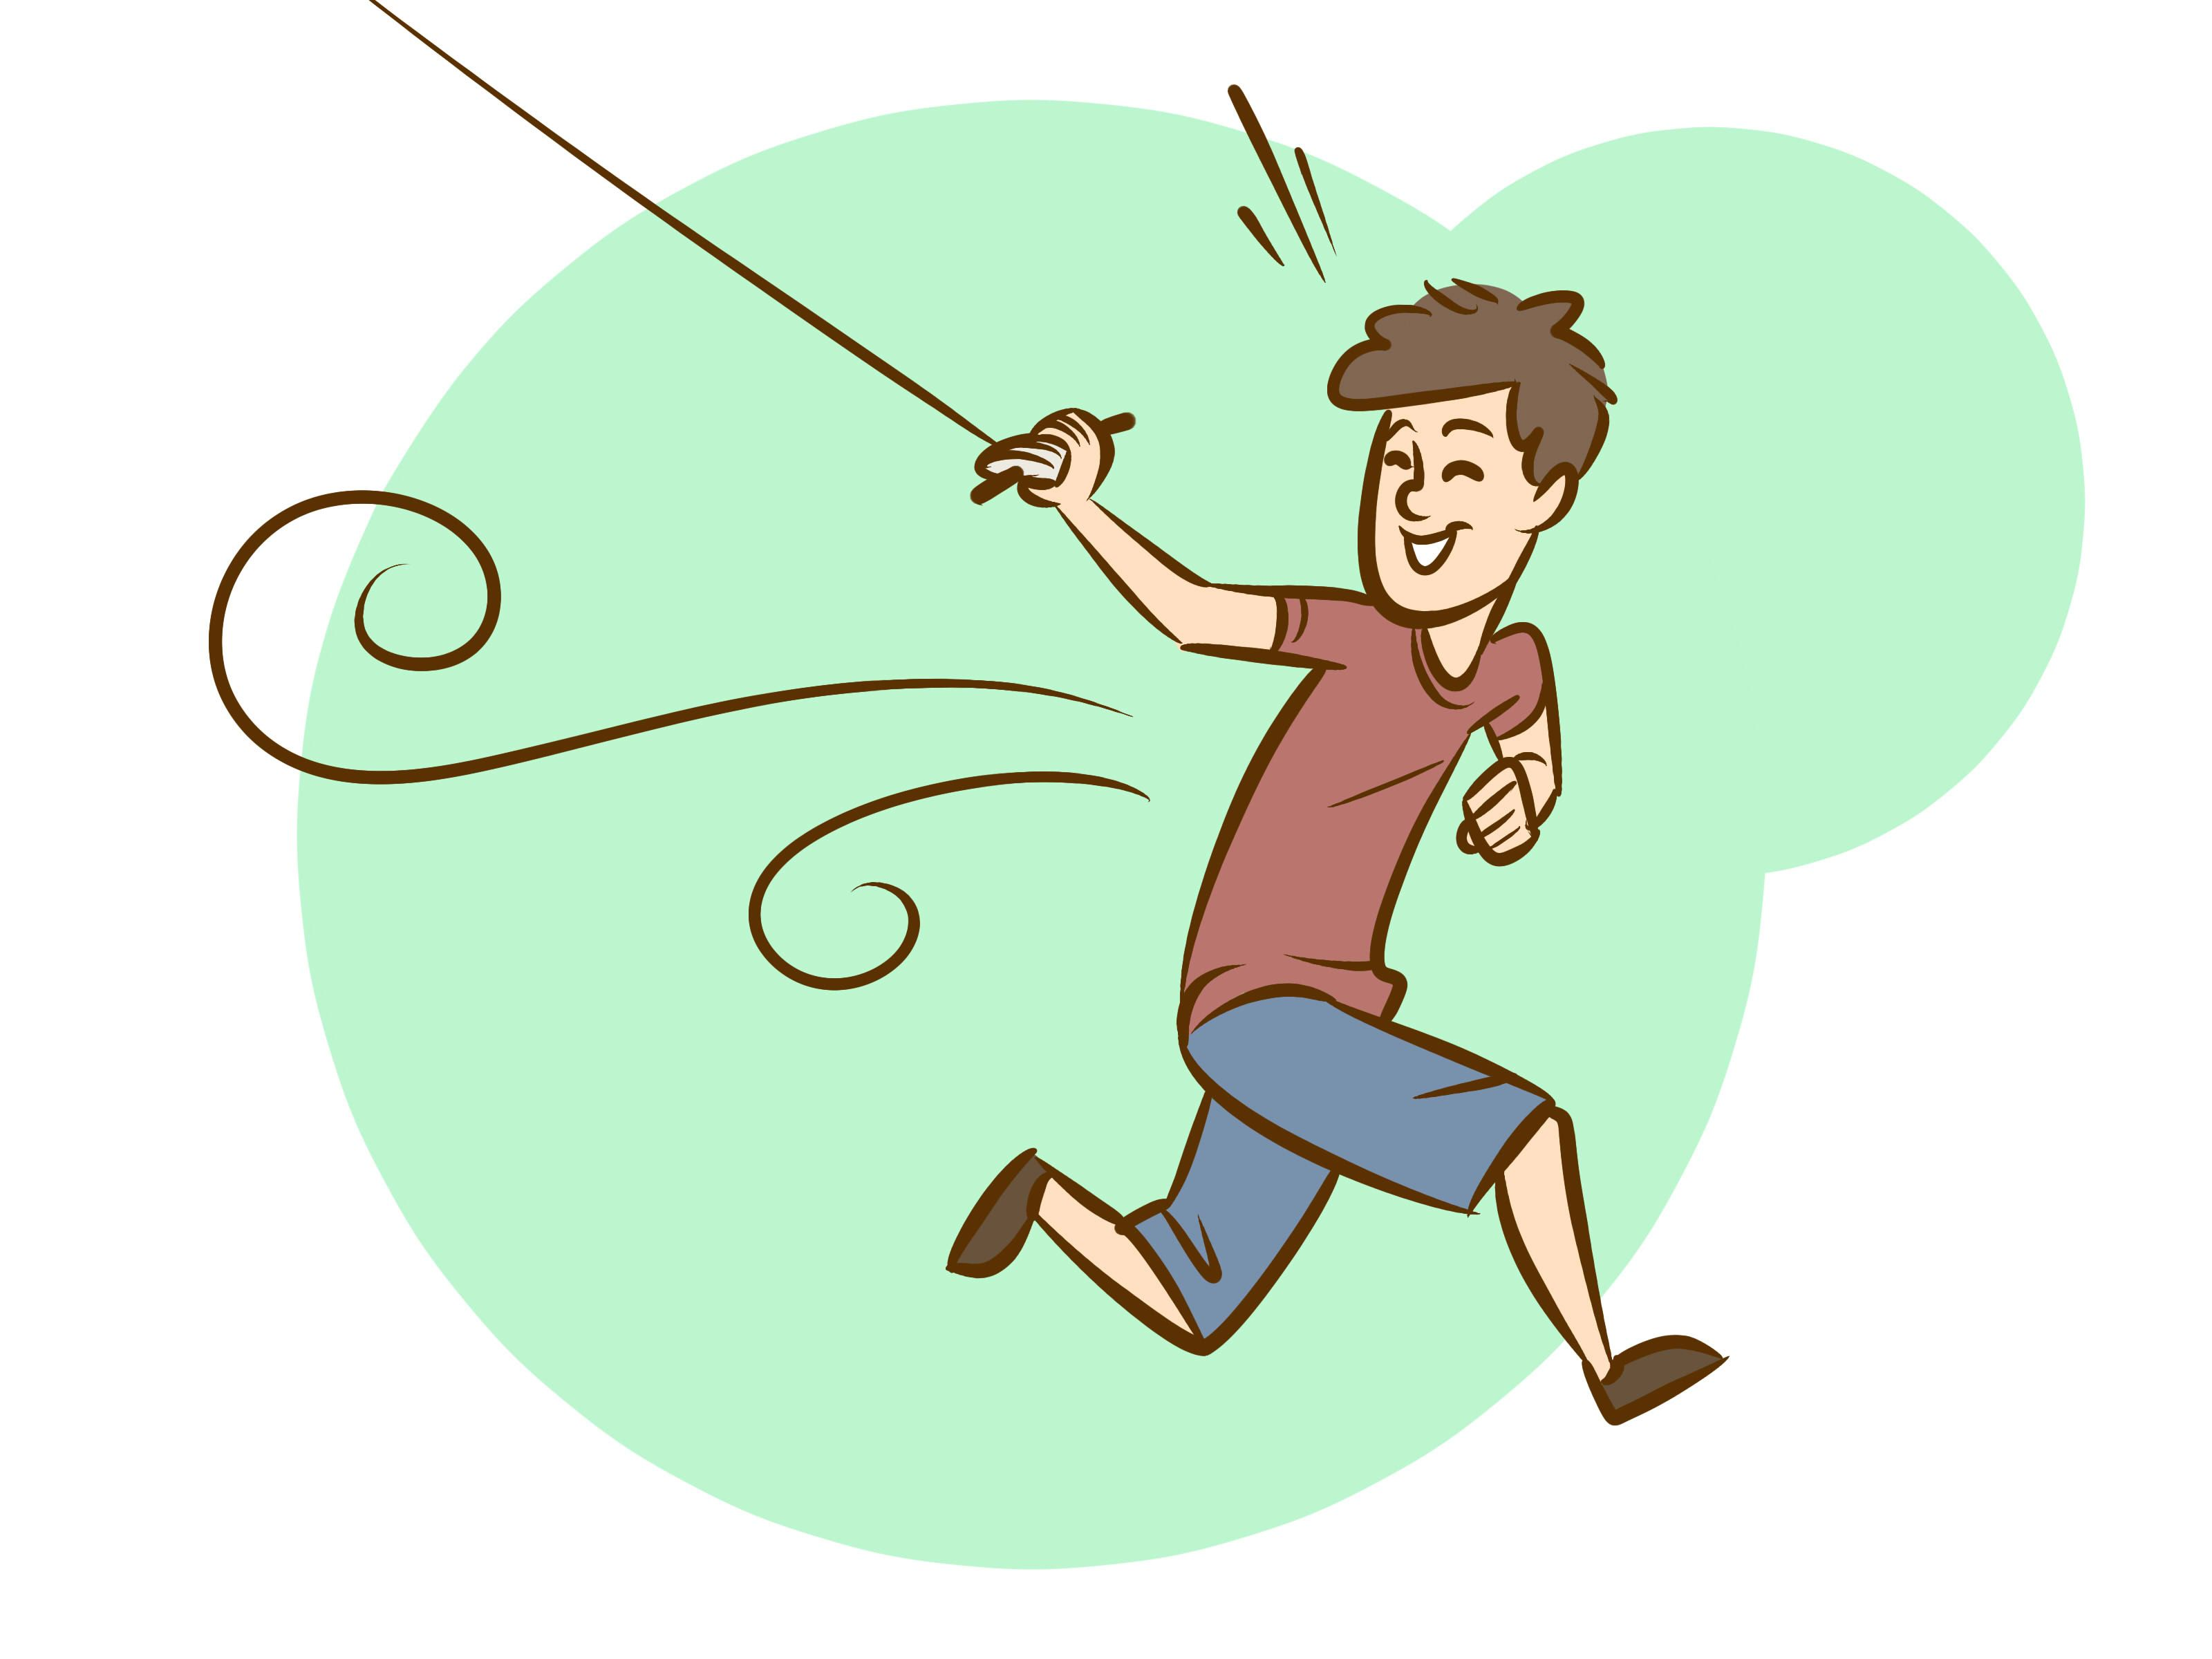 Fly a kite kite fun summer fun